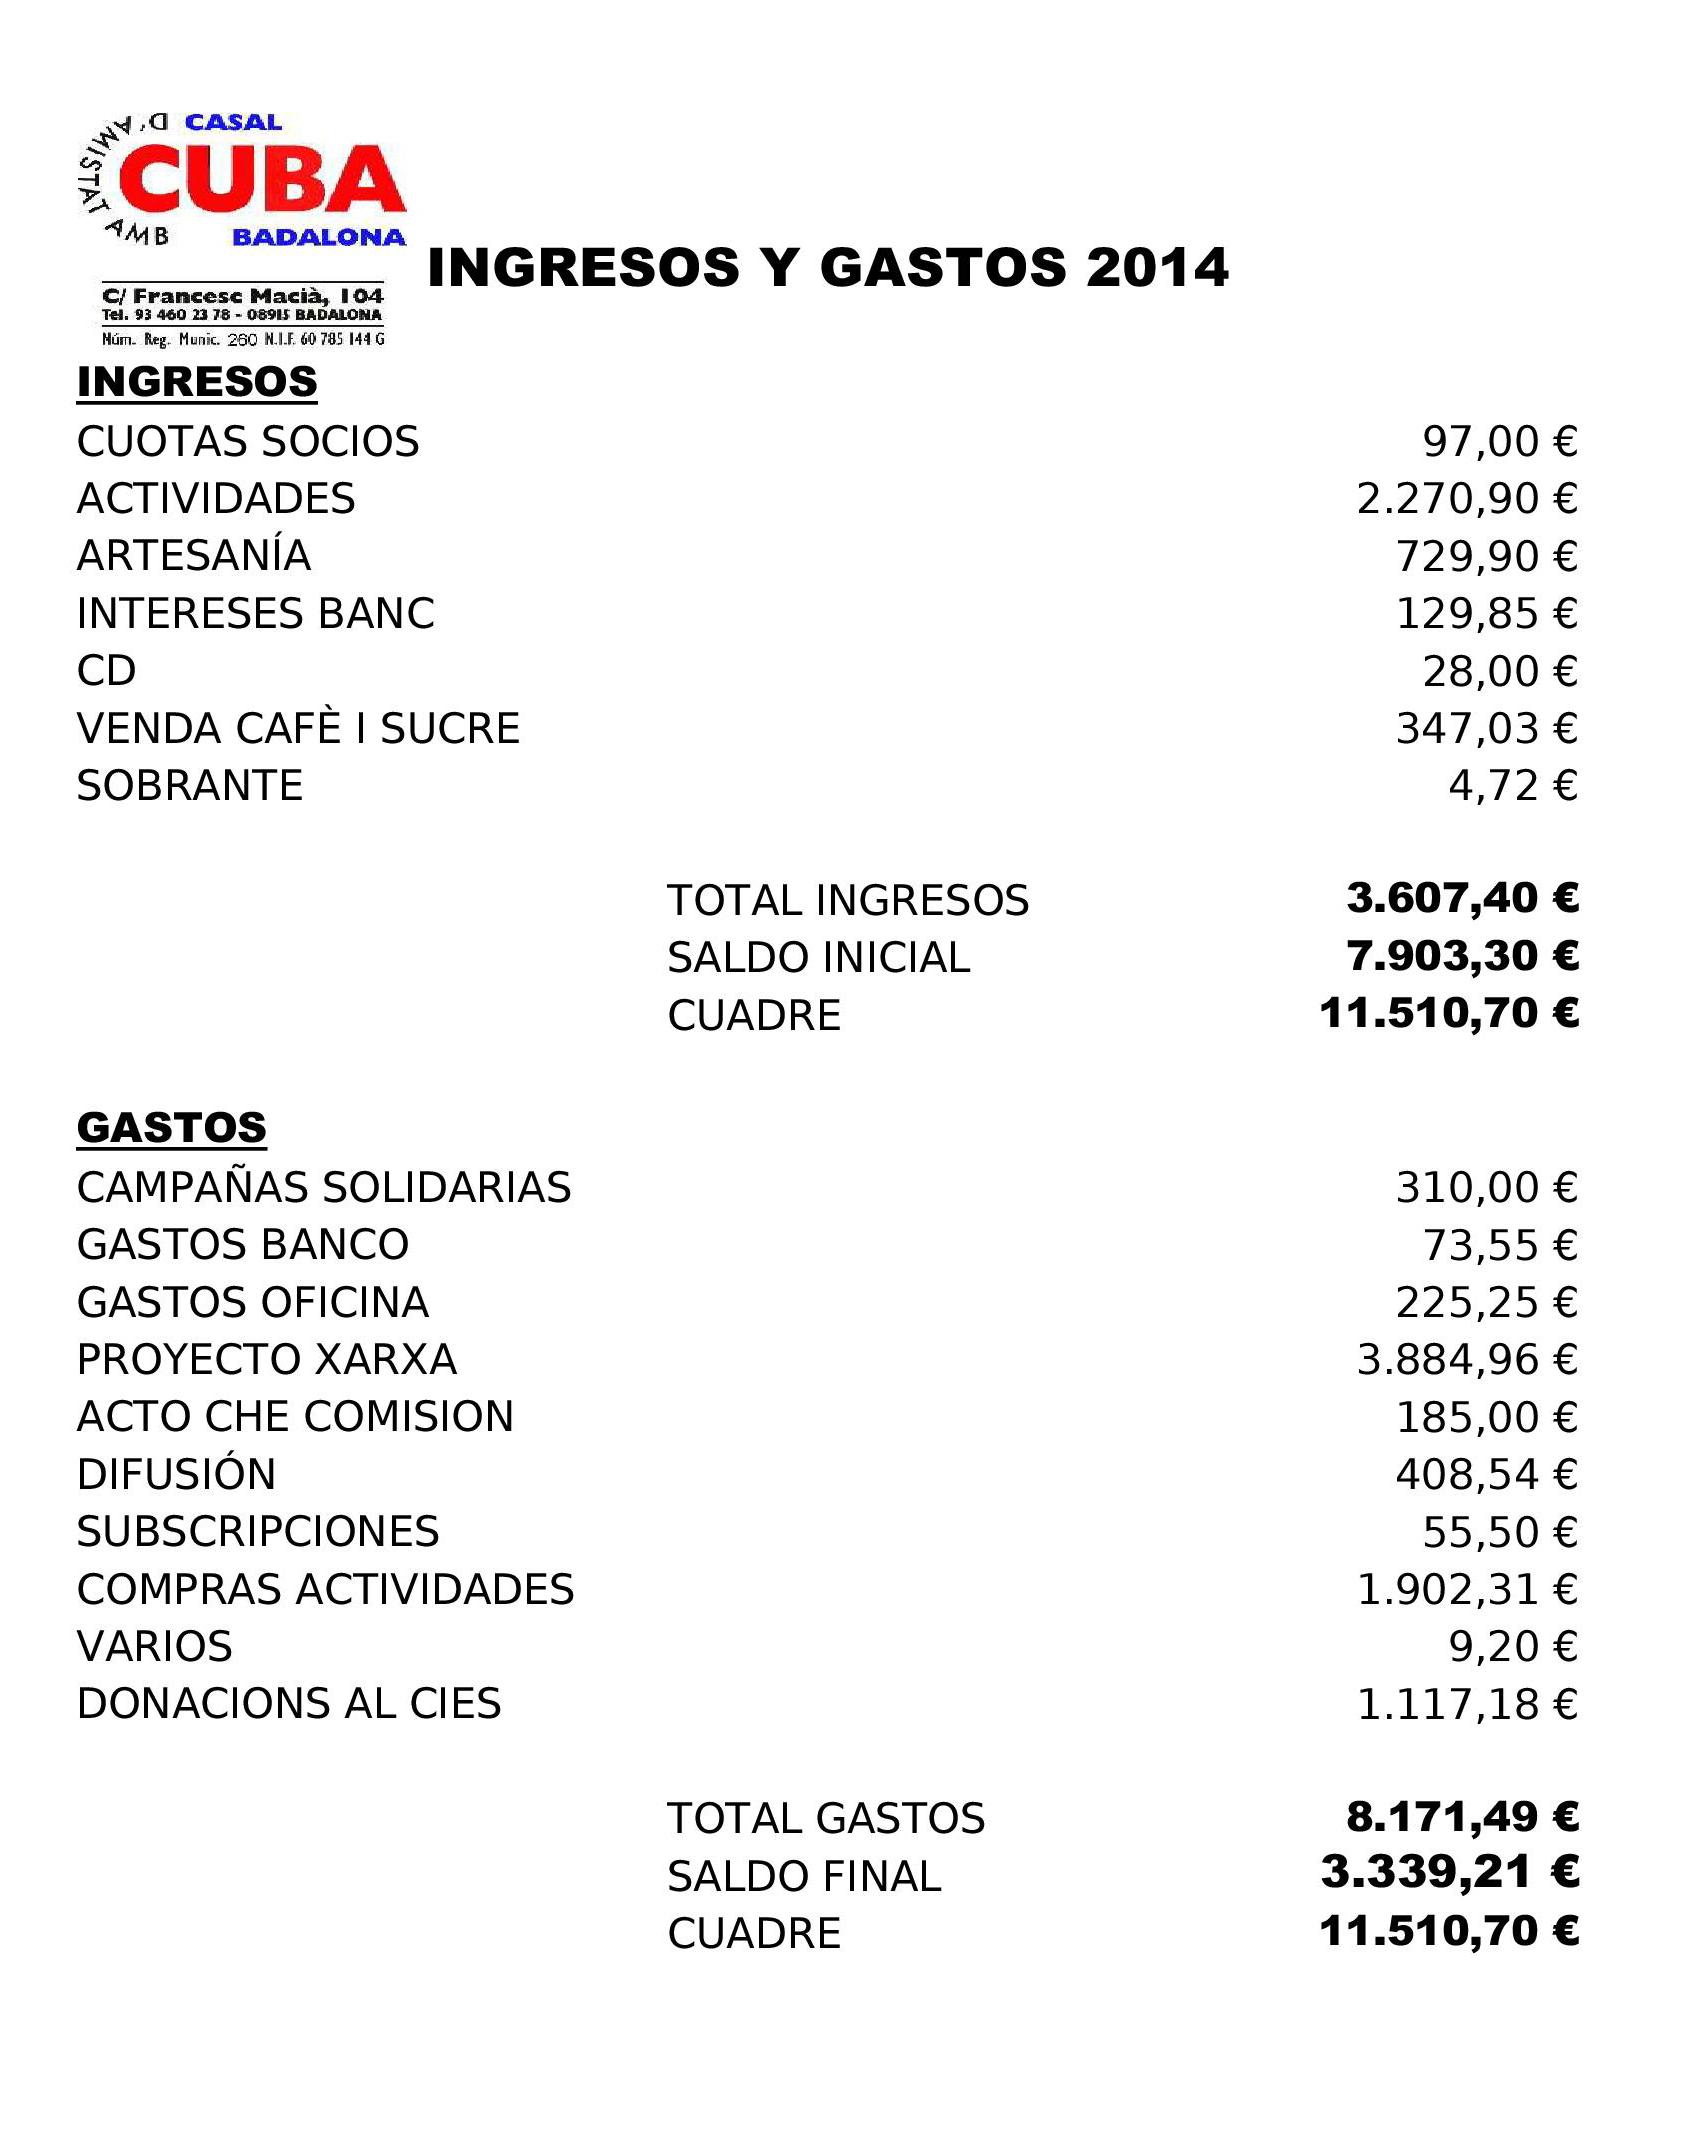 INGRESOS Y GASTOS 2014